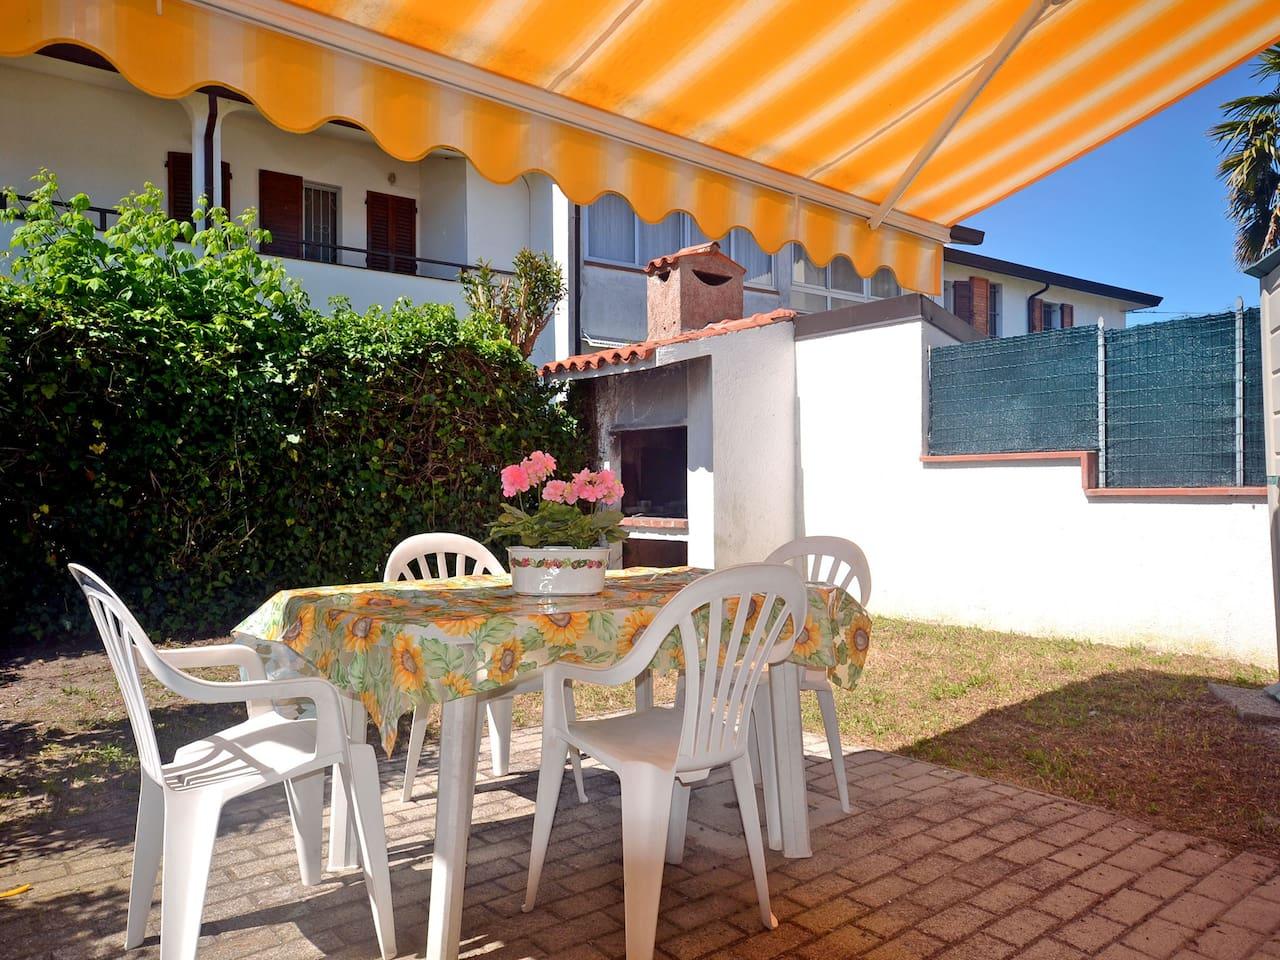 Villetta con giardino ed ampio porticato coperto arredato